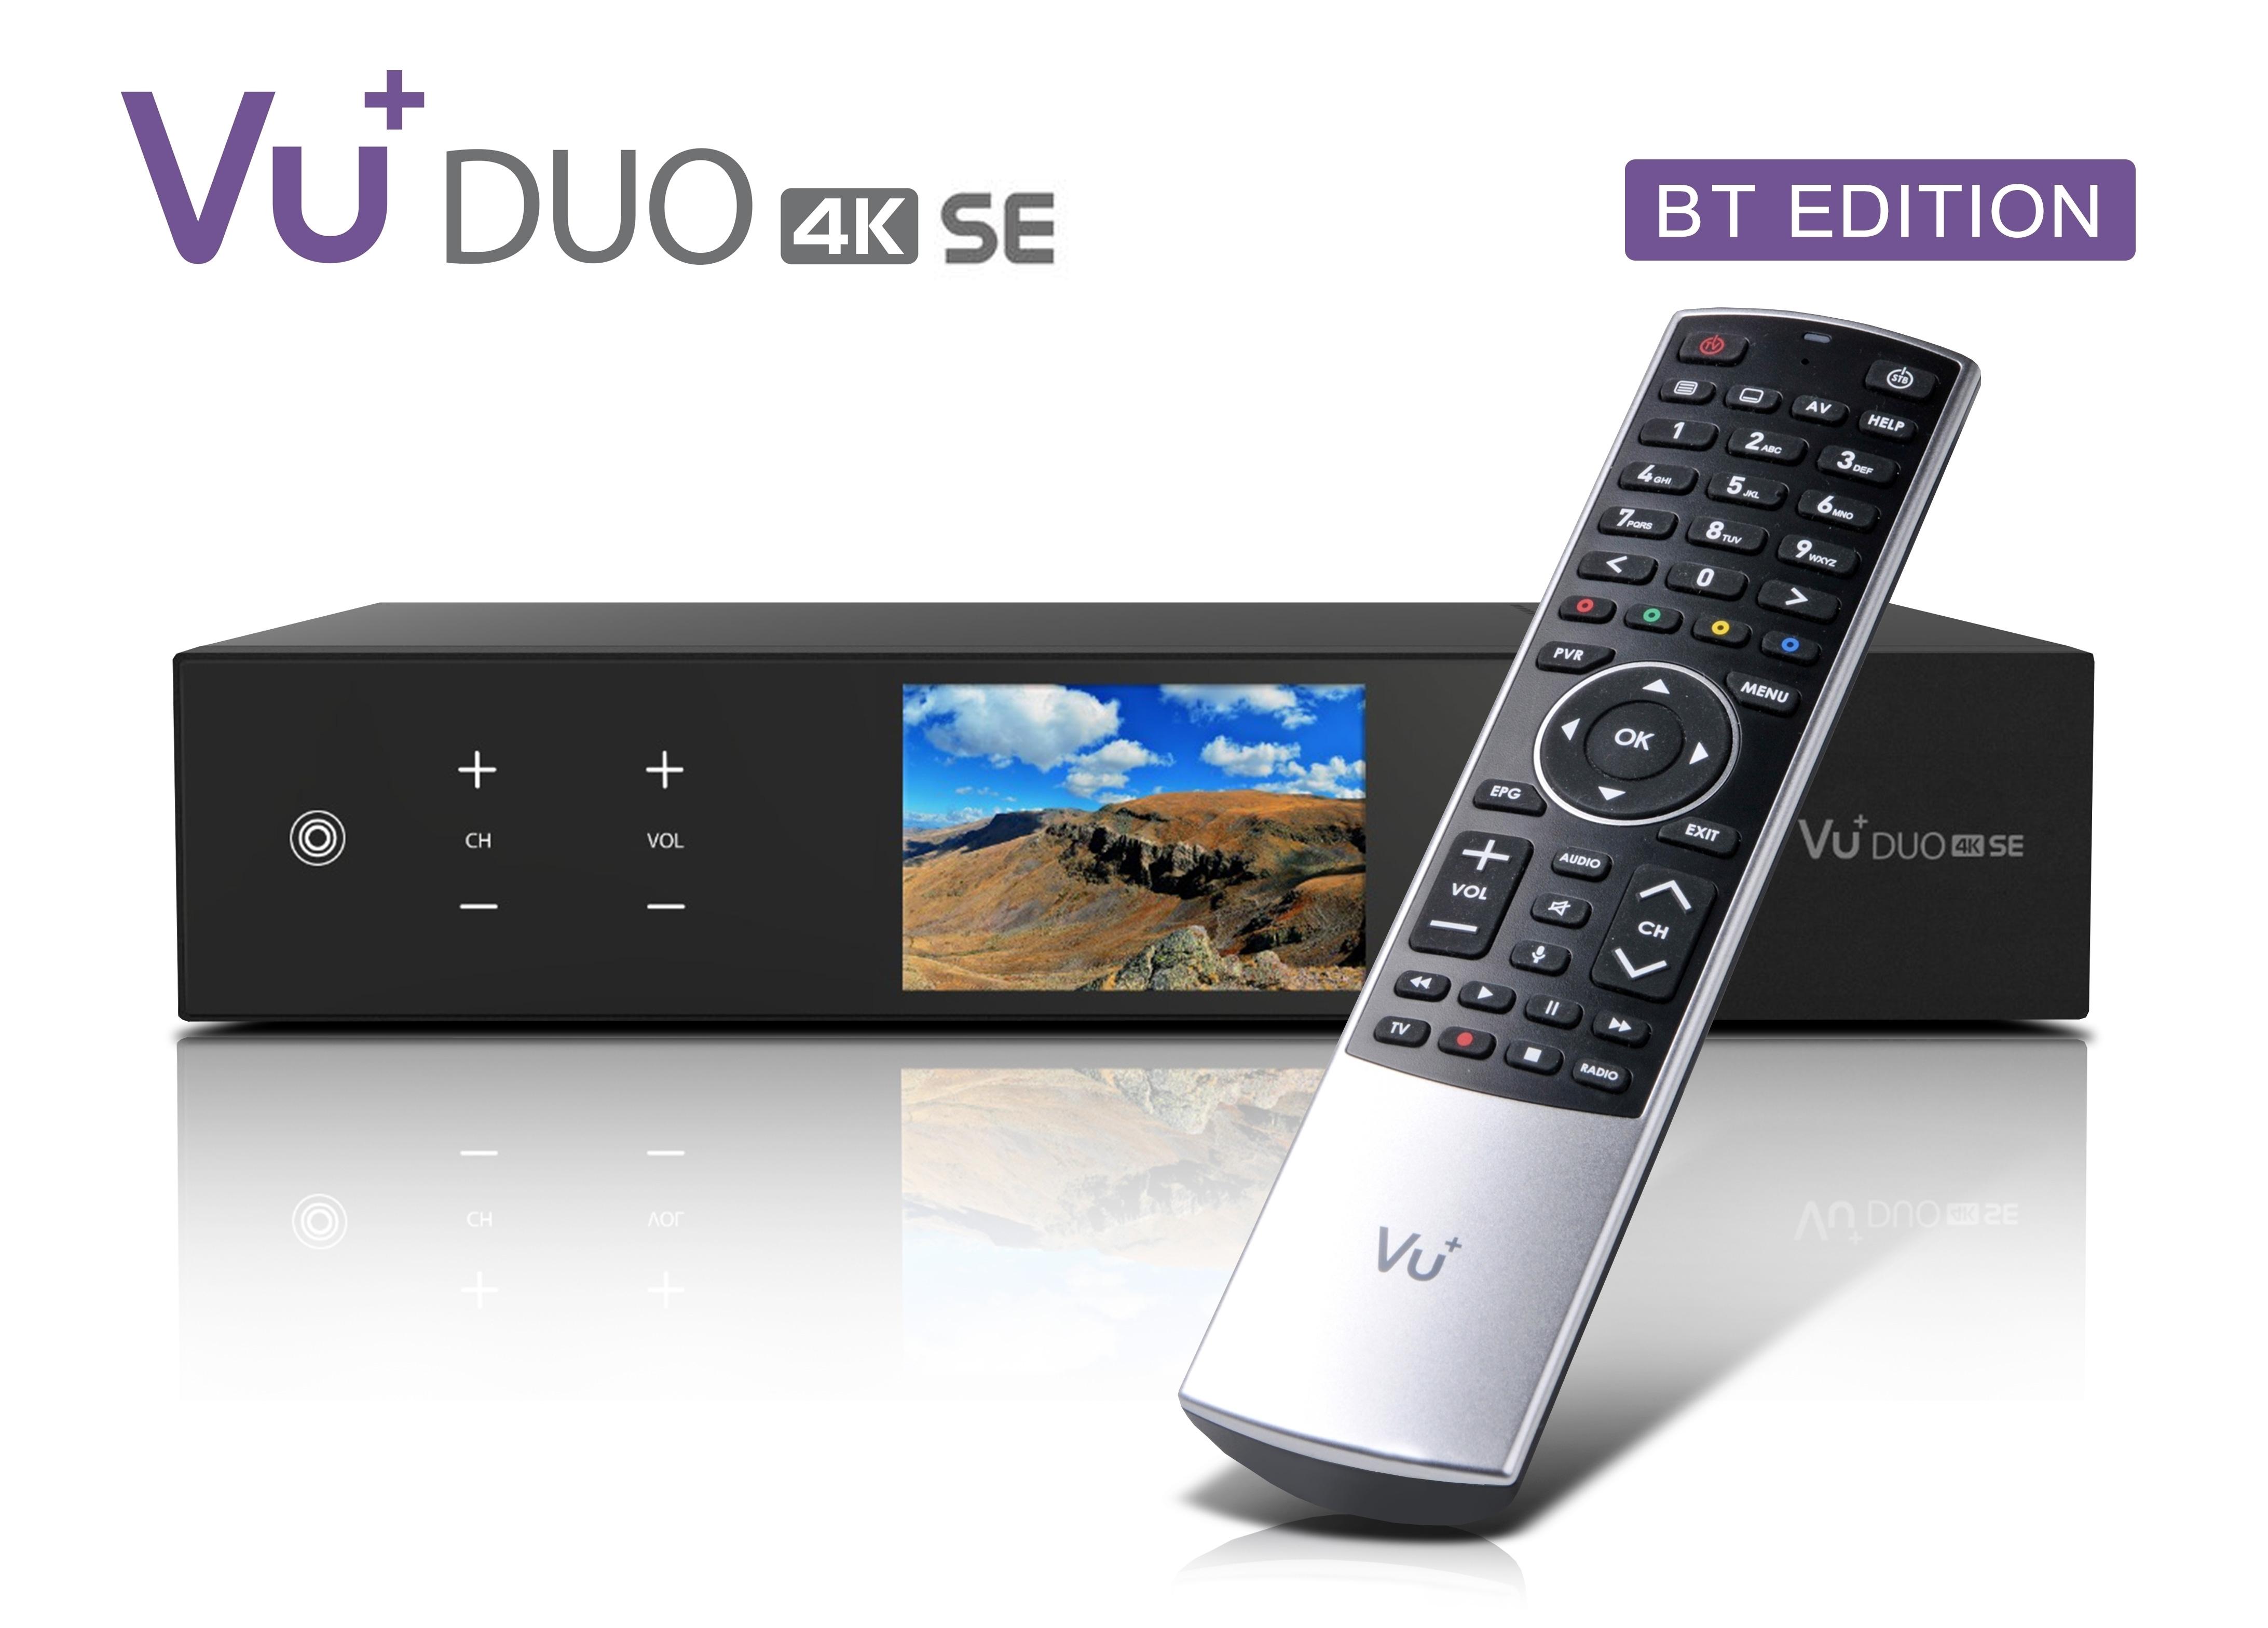 VU+ Duo 4K SE BT 1x DVB-C FBC Tuner 1 TB HDD Linux Receiver UHD 2160p